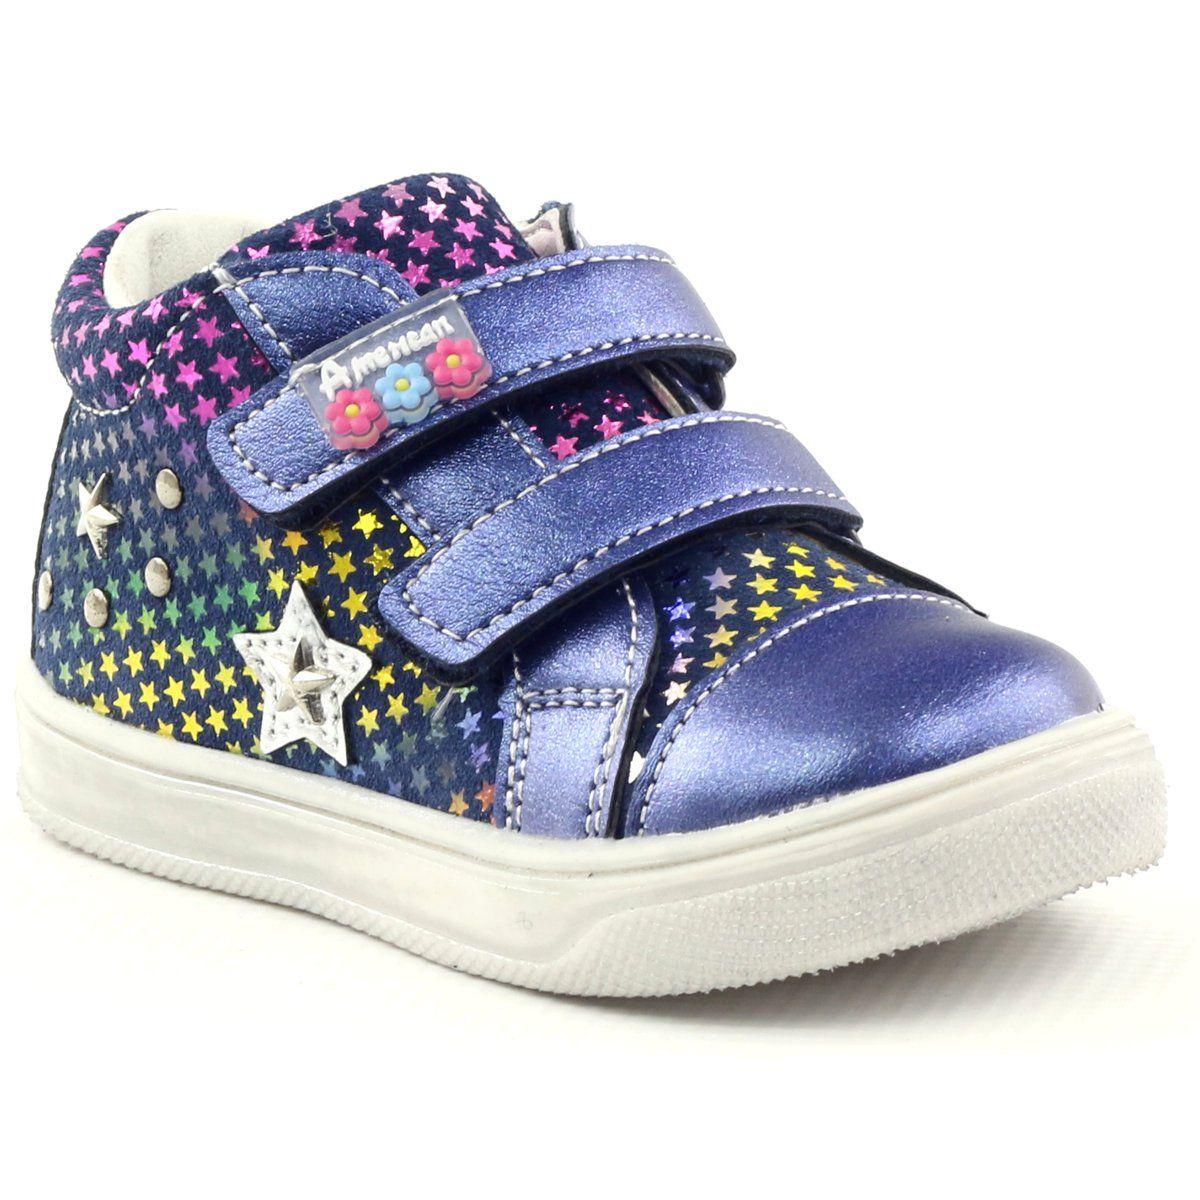 American Club Wygodne Trzewiki Sportowe Z Gwiazda American 703925 Granatowe Sports Shoes Shoes Childrens Shoes